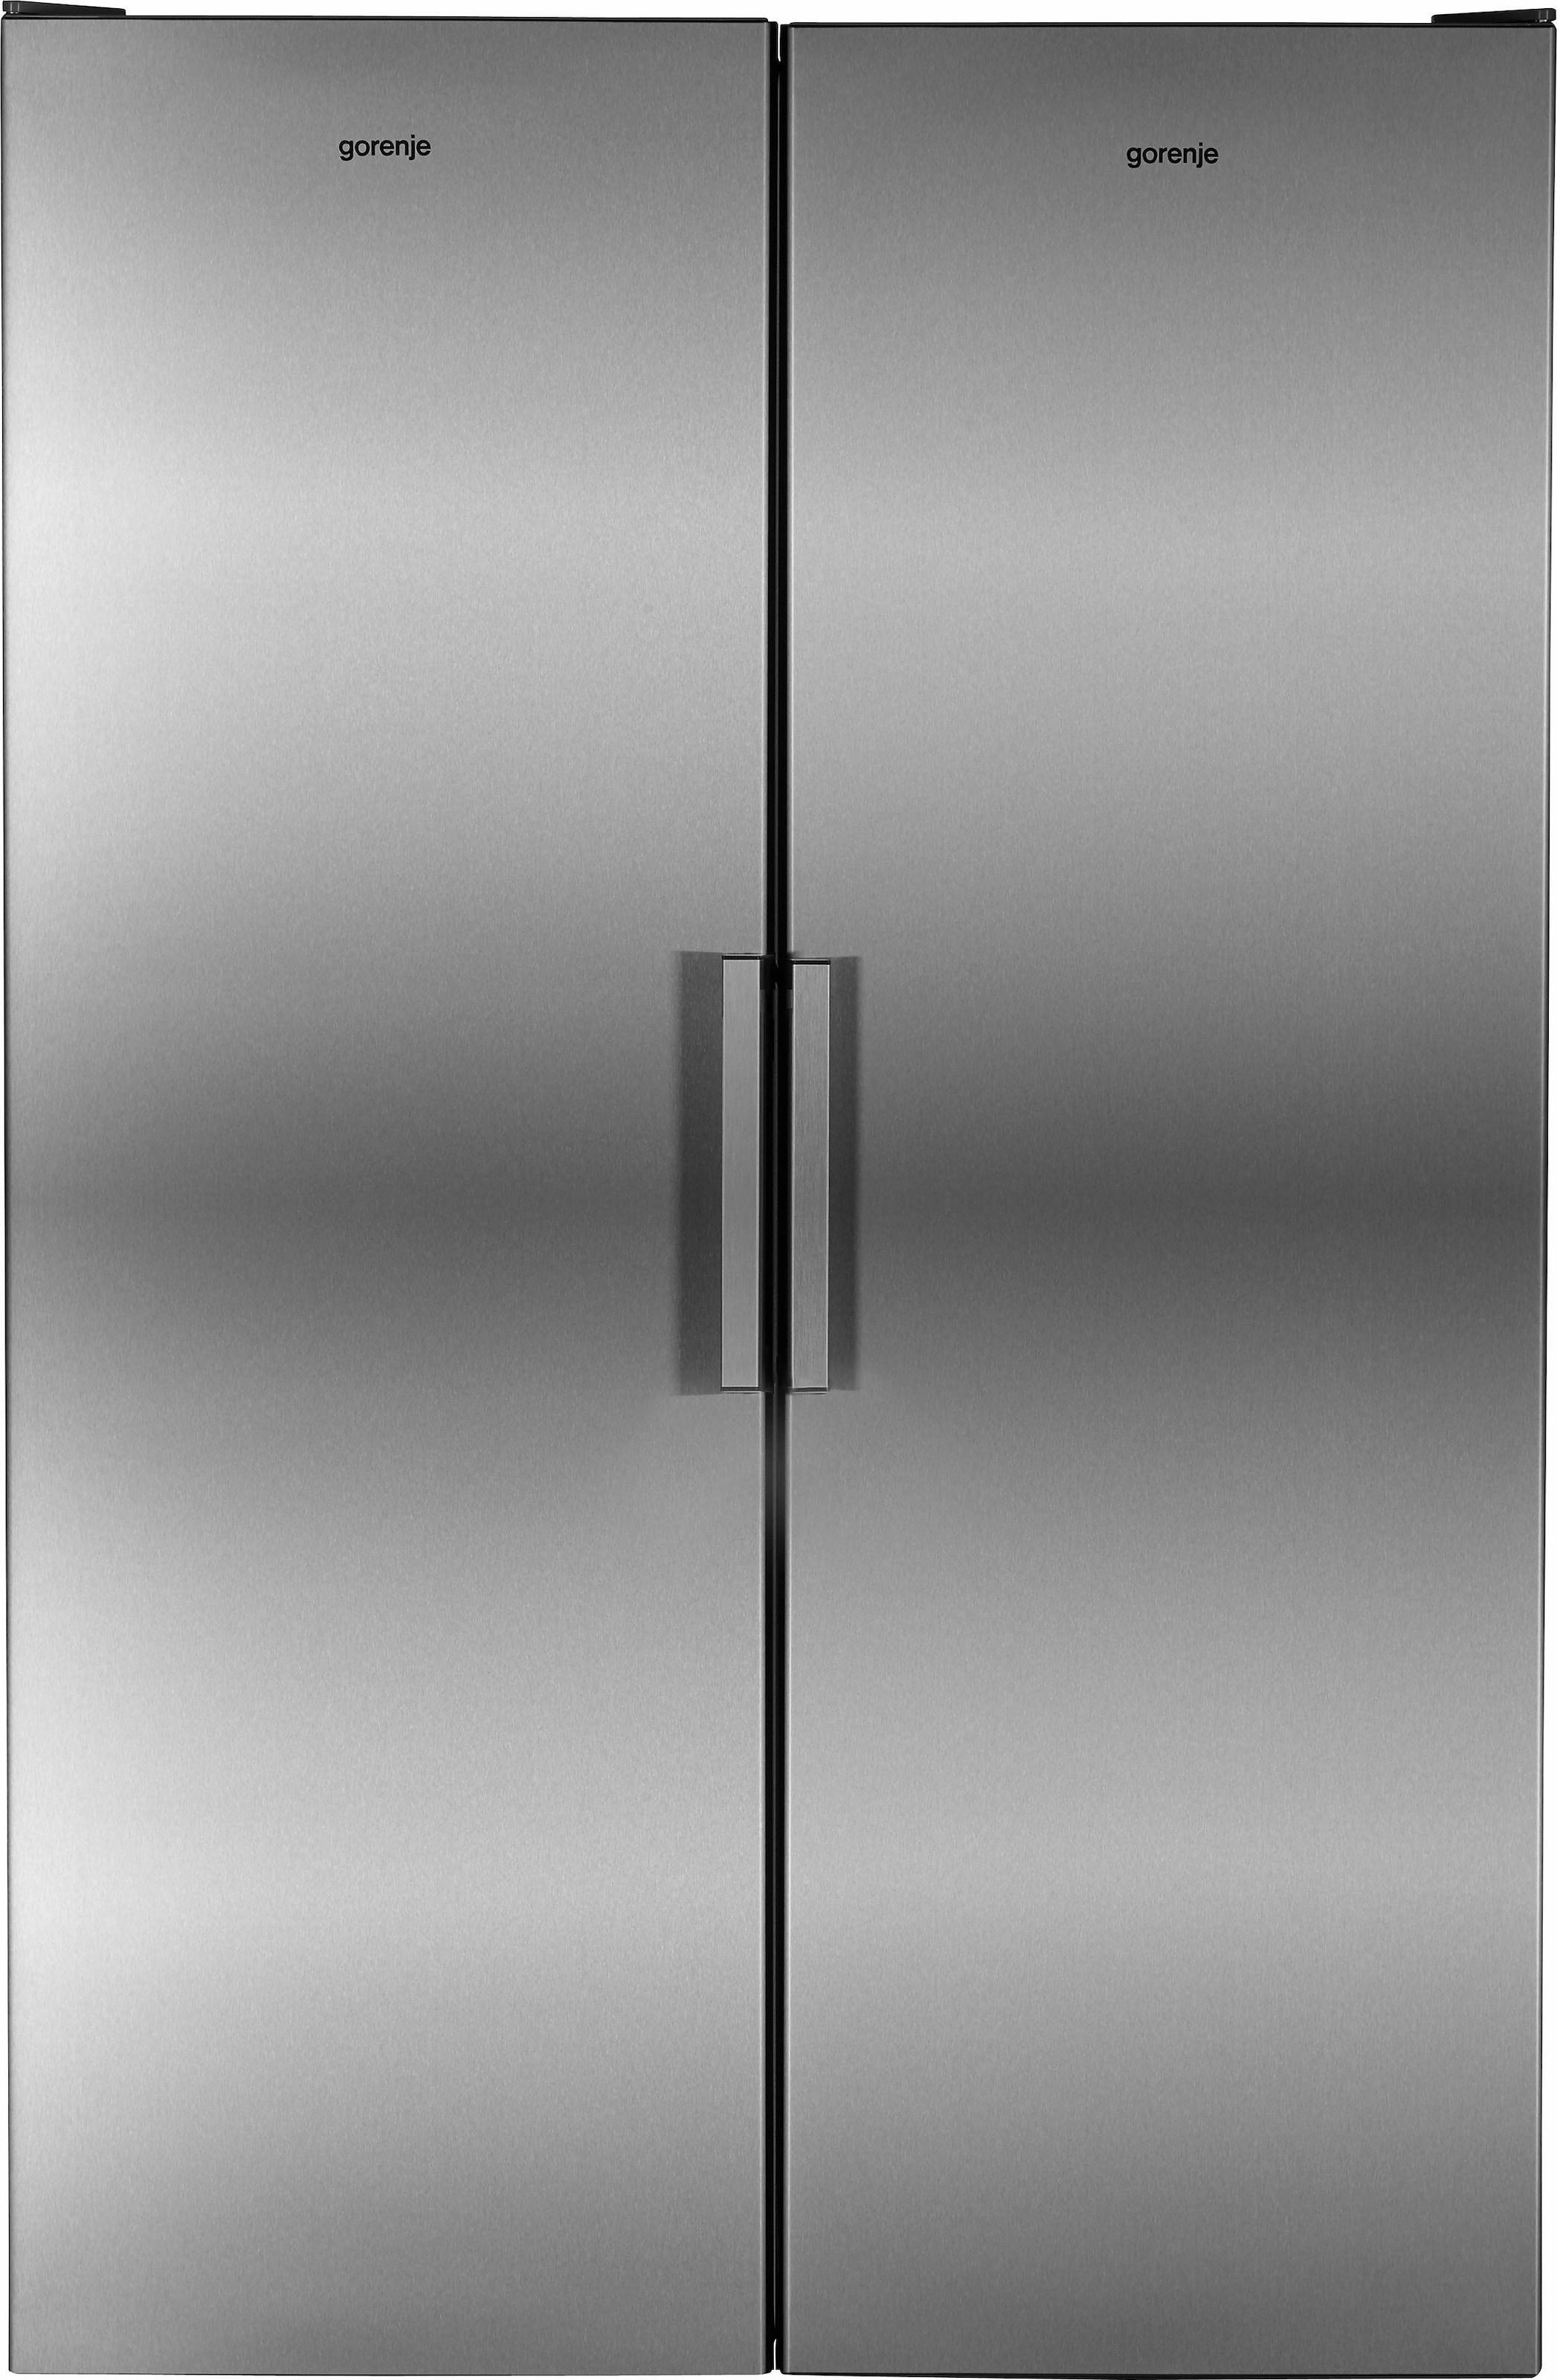 Side By Side Kühlschrank Hanseatic Test : Side by side kühlschrank cm breit kühlschrank modelle